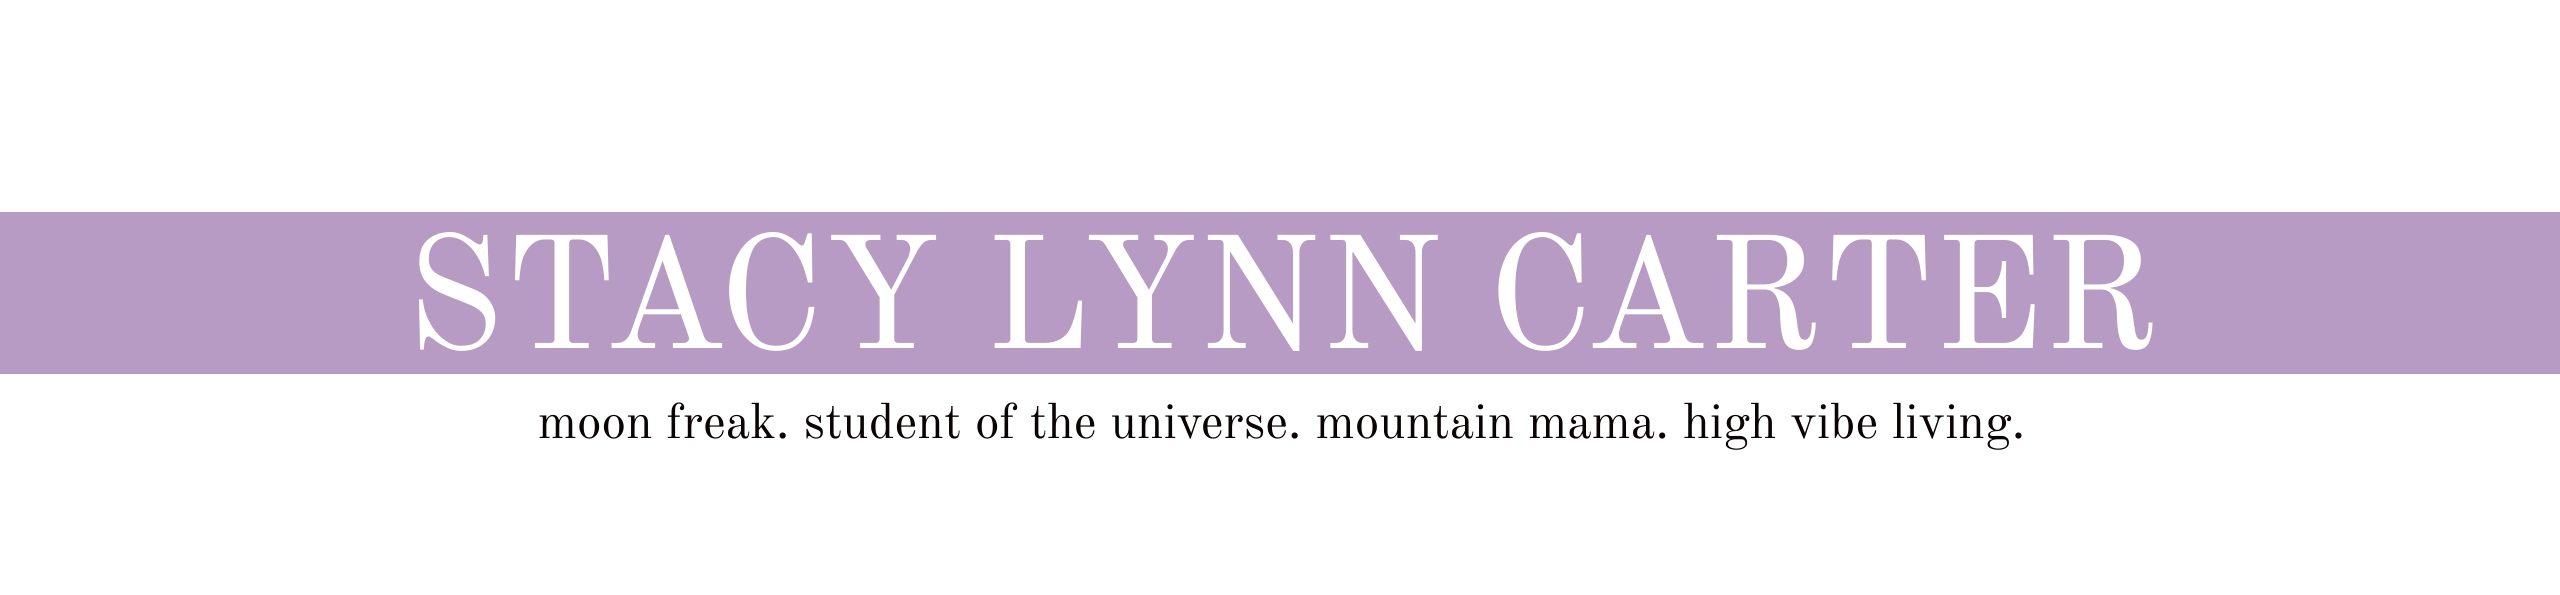 Stacy Lynn Carter